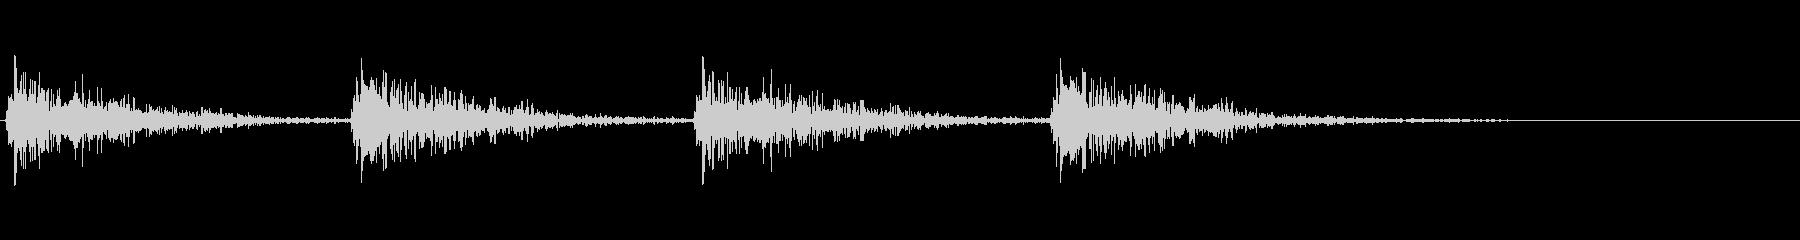 デカい足音の未再生の波形